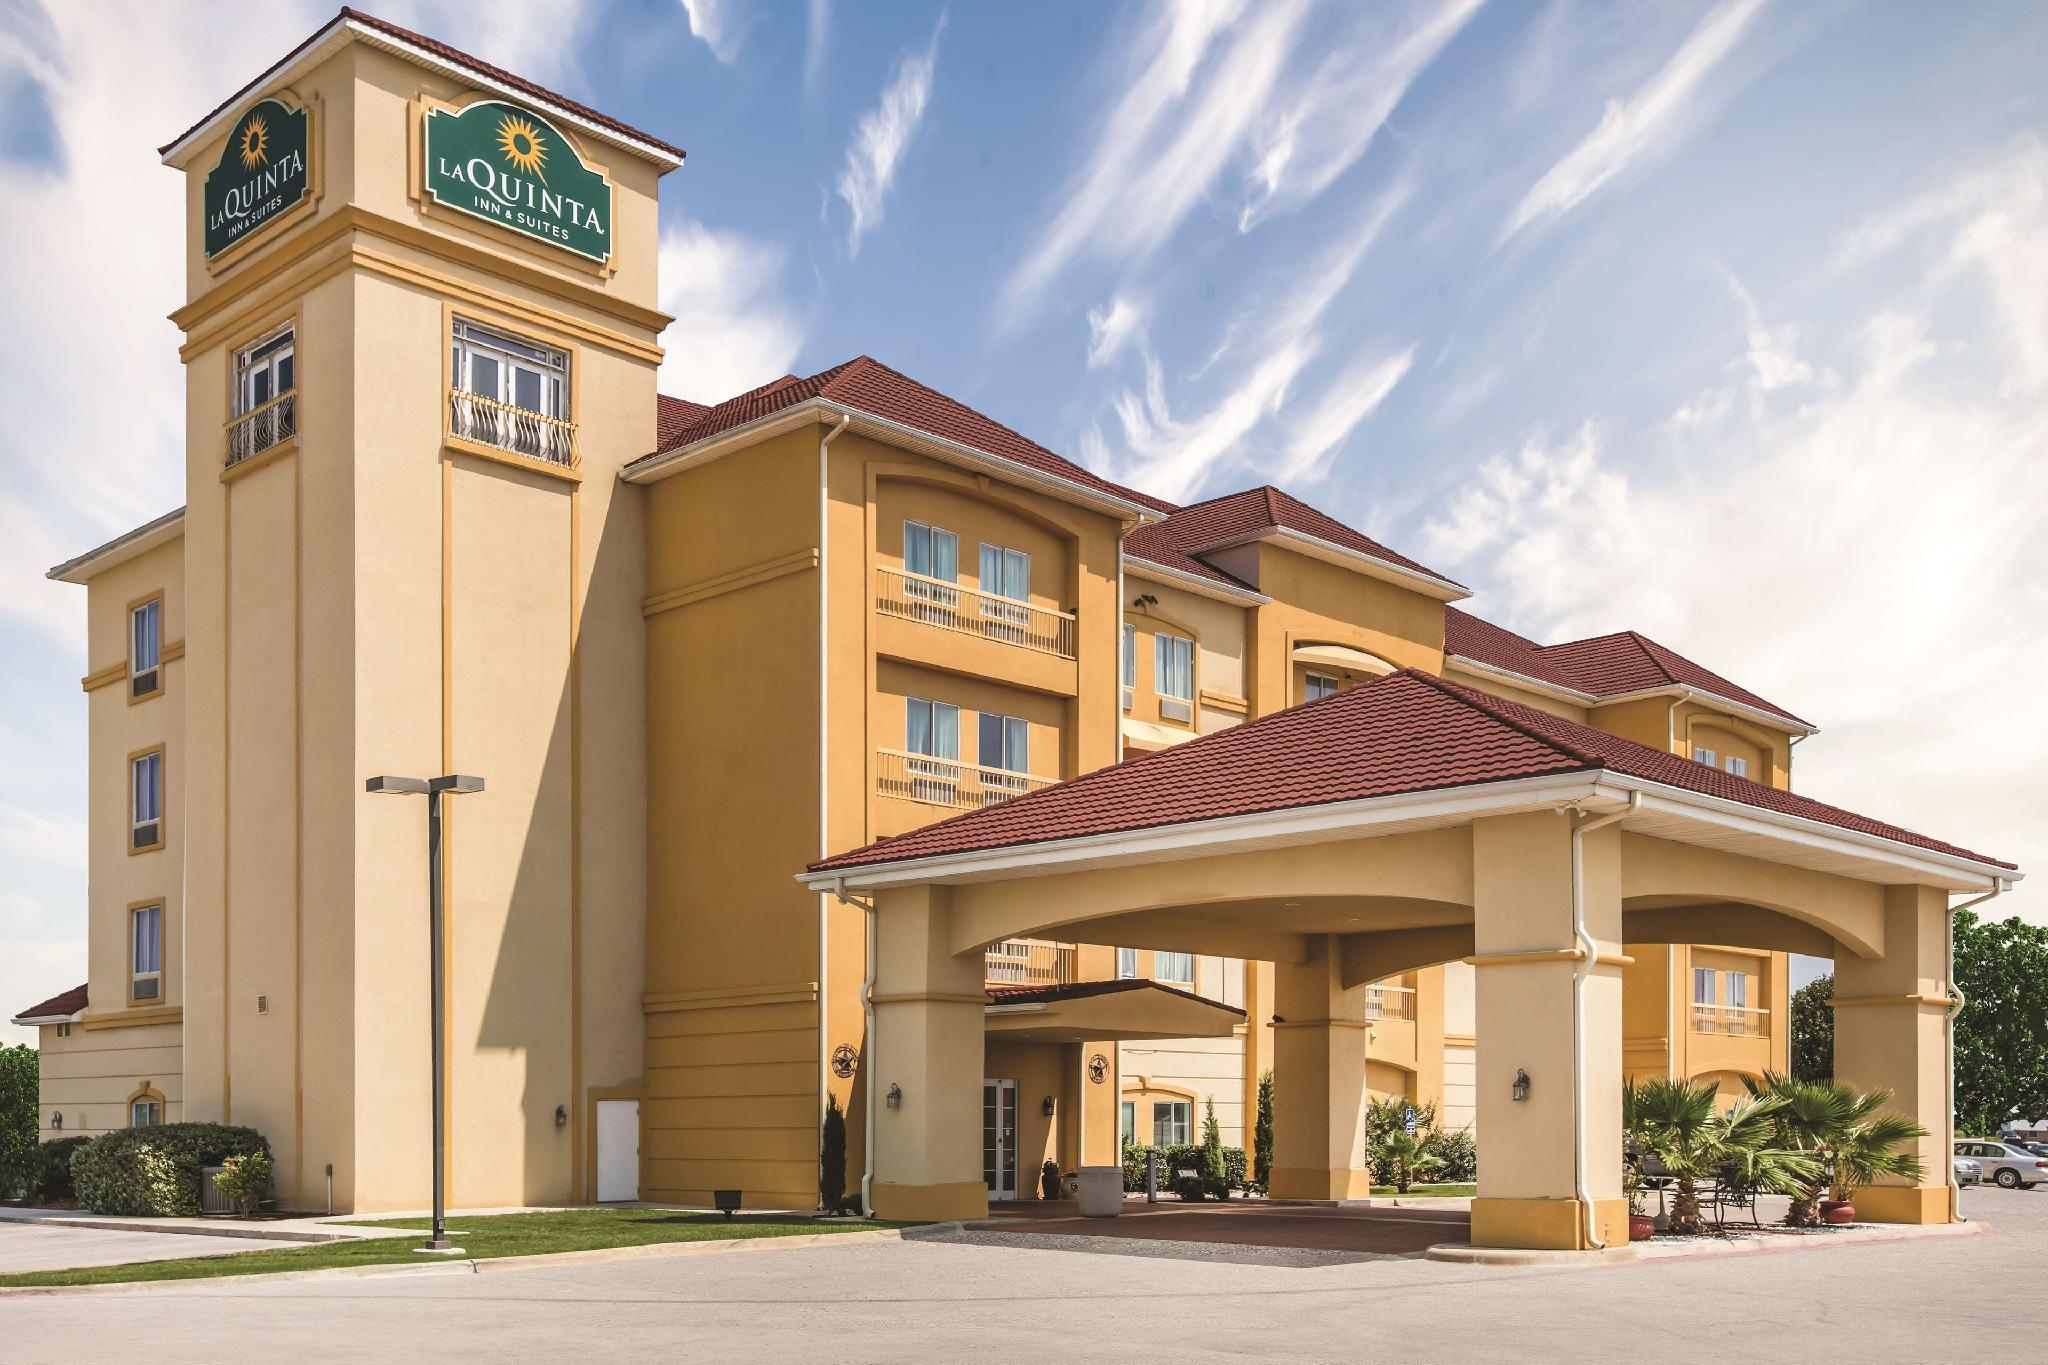 La Quinta Inn And Suites By Wyndham Brownwood